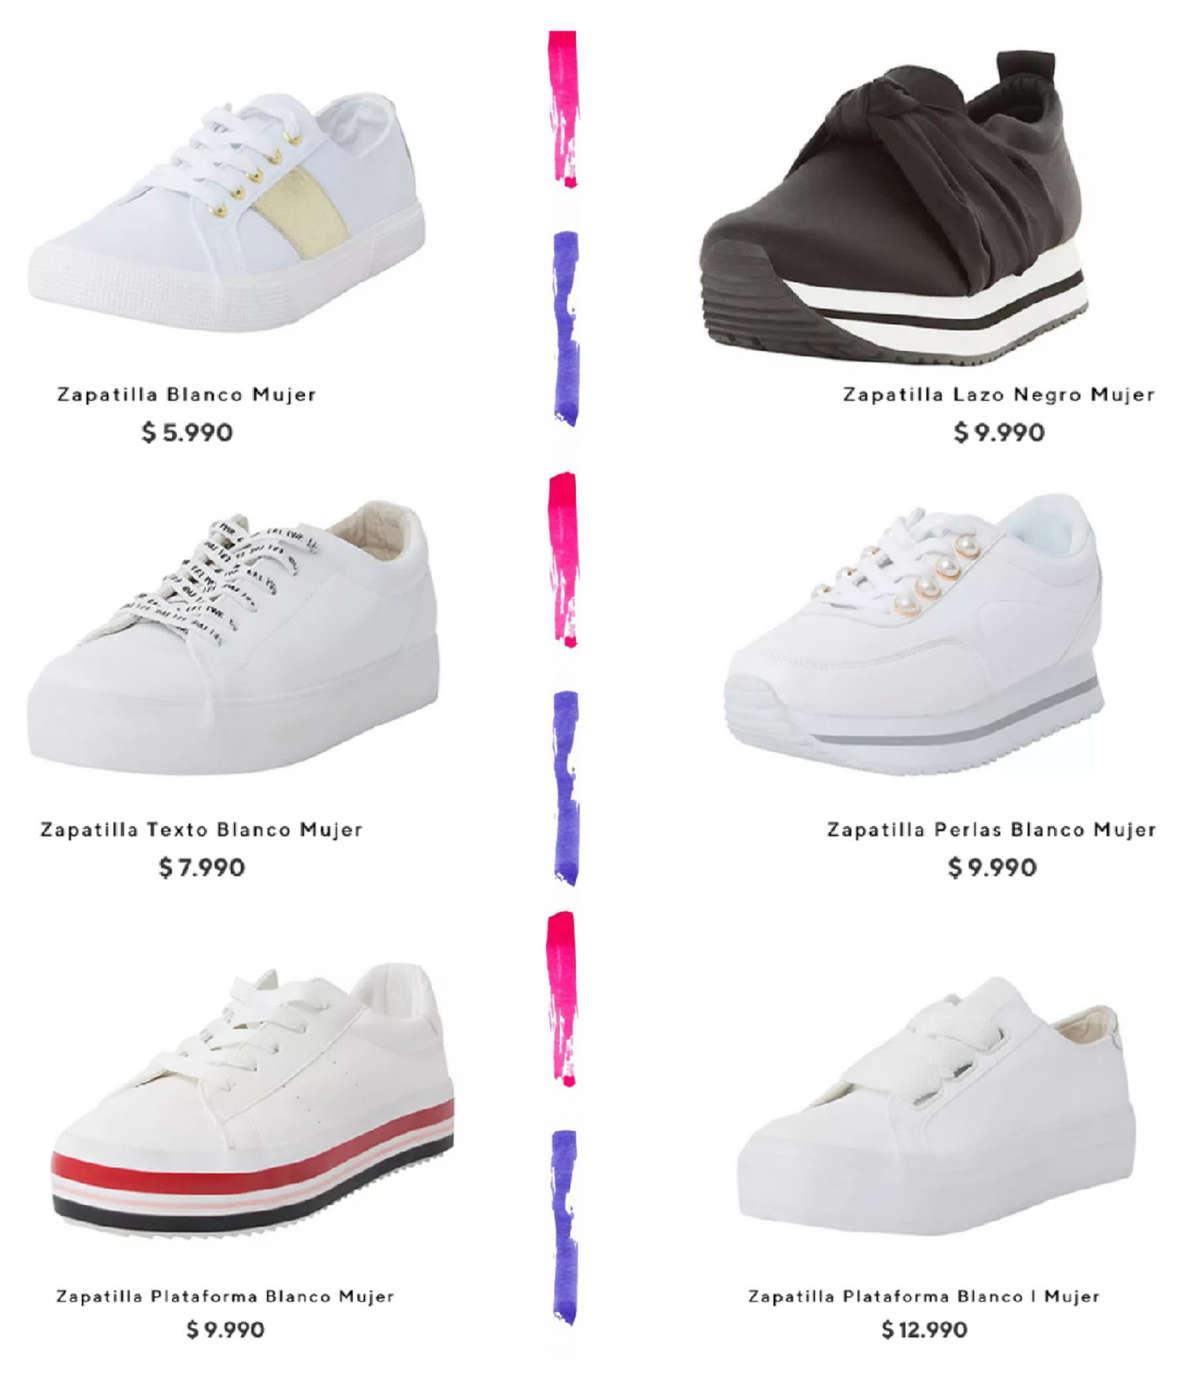 c11ece15 Comprar Zapatillas mujer en Villarrica - Ofertas y tiendas - Ofertia